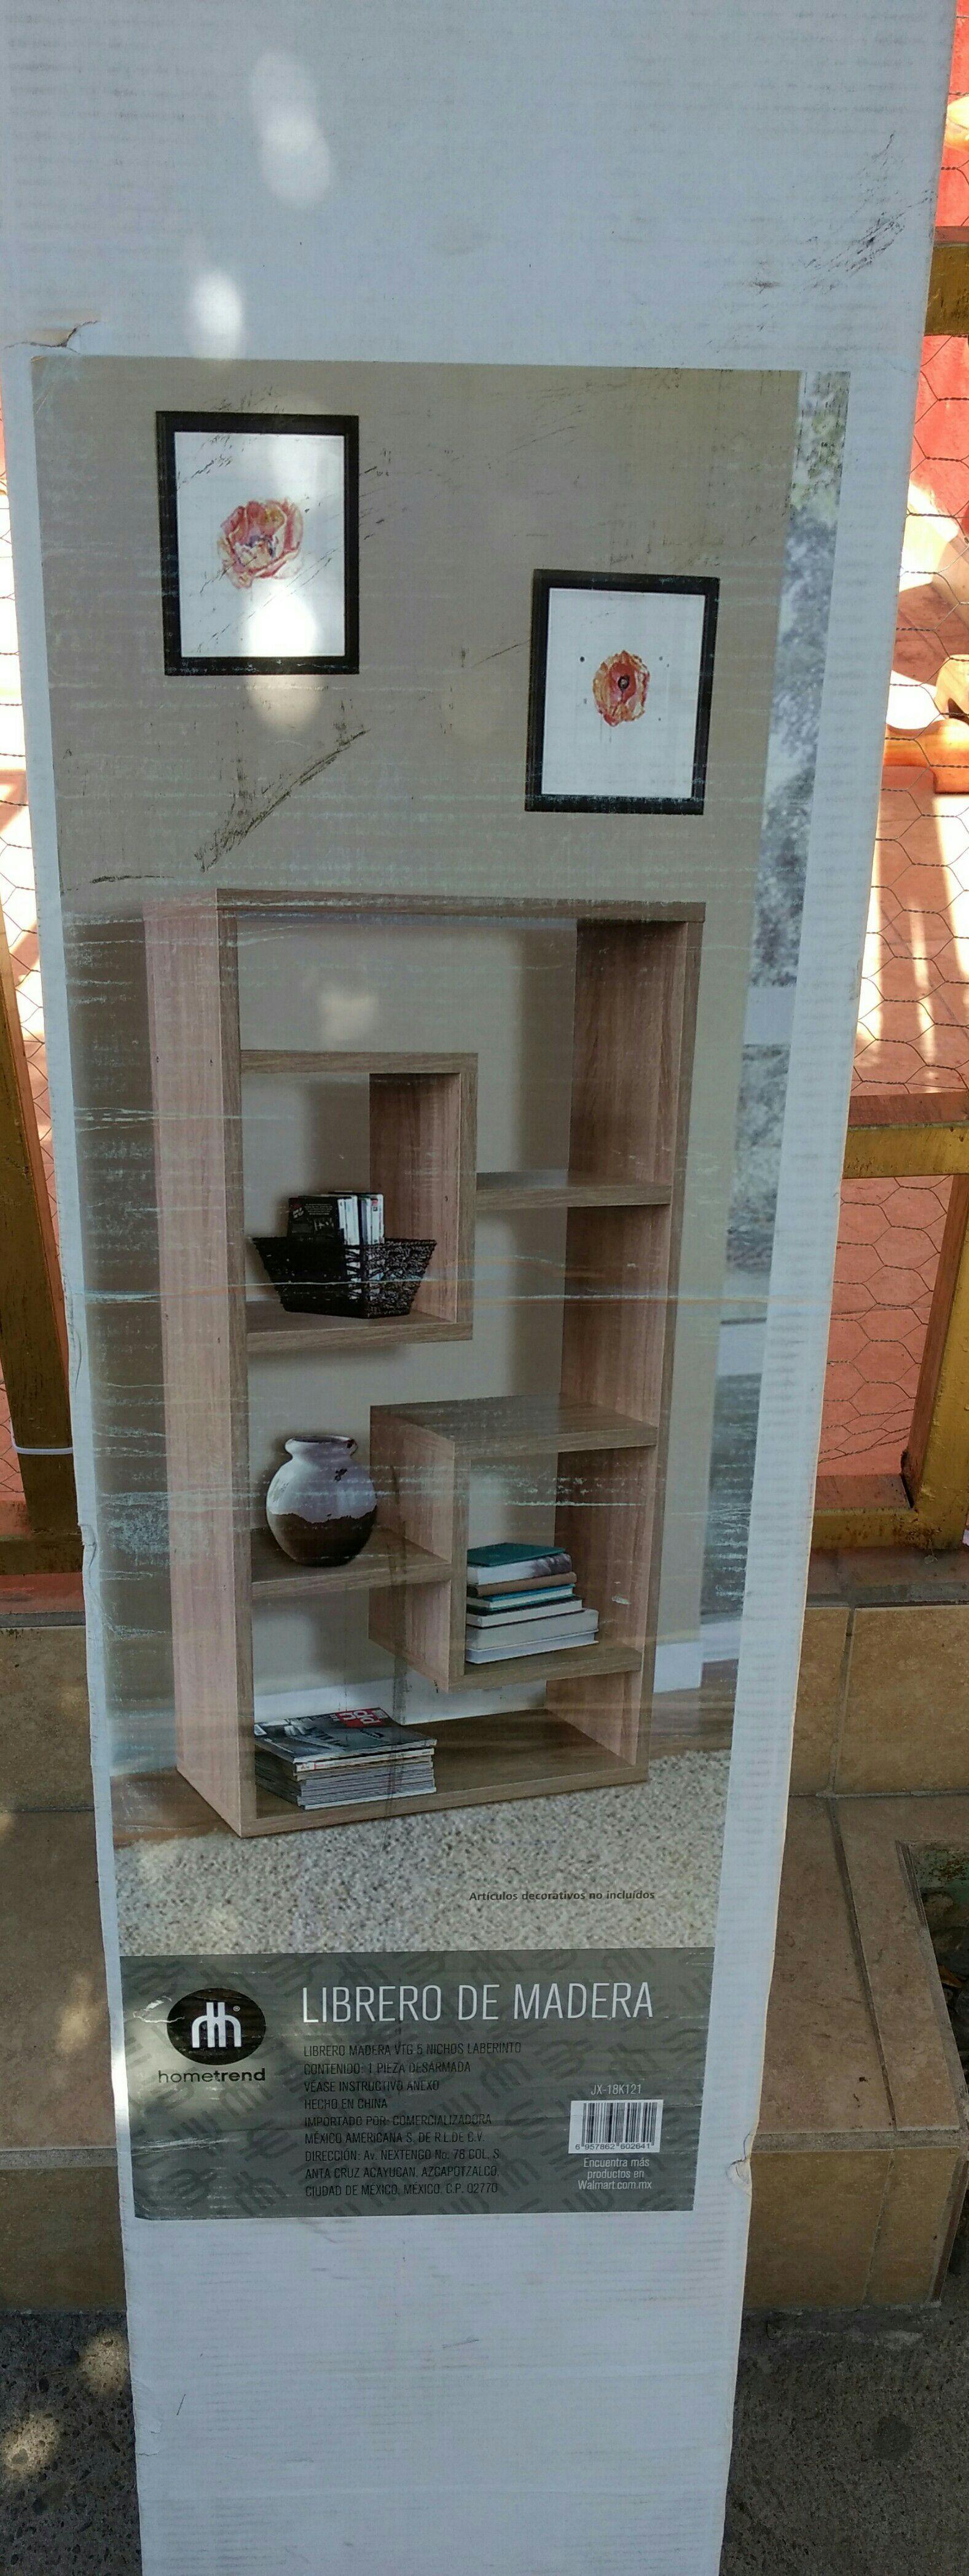 Walmart Culiacán: librero de madera 5 nichos laberinto Home Trends a $328.01